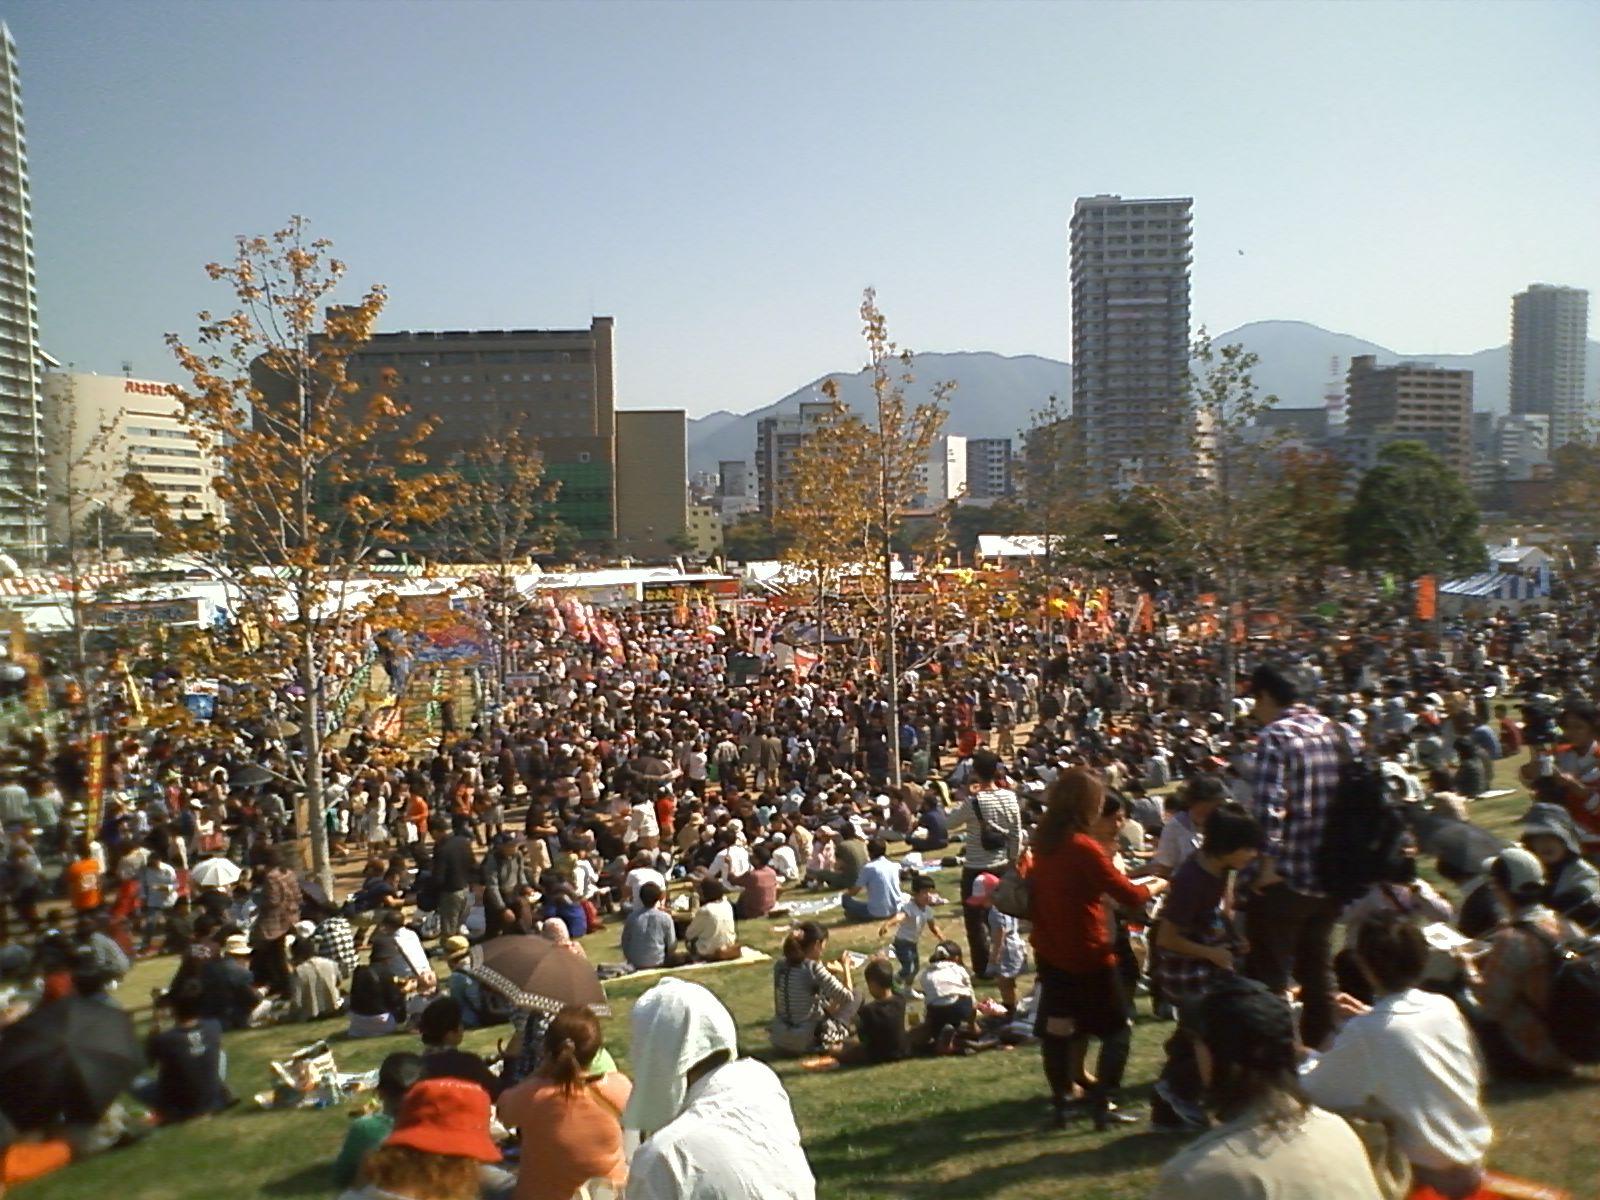 翌日の朝日新聞によると、二日間の来場者数は合計で61万人だとか・・・。